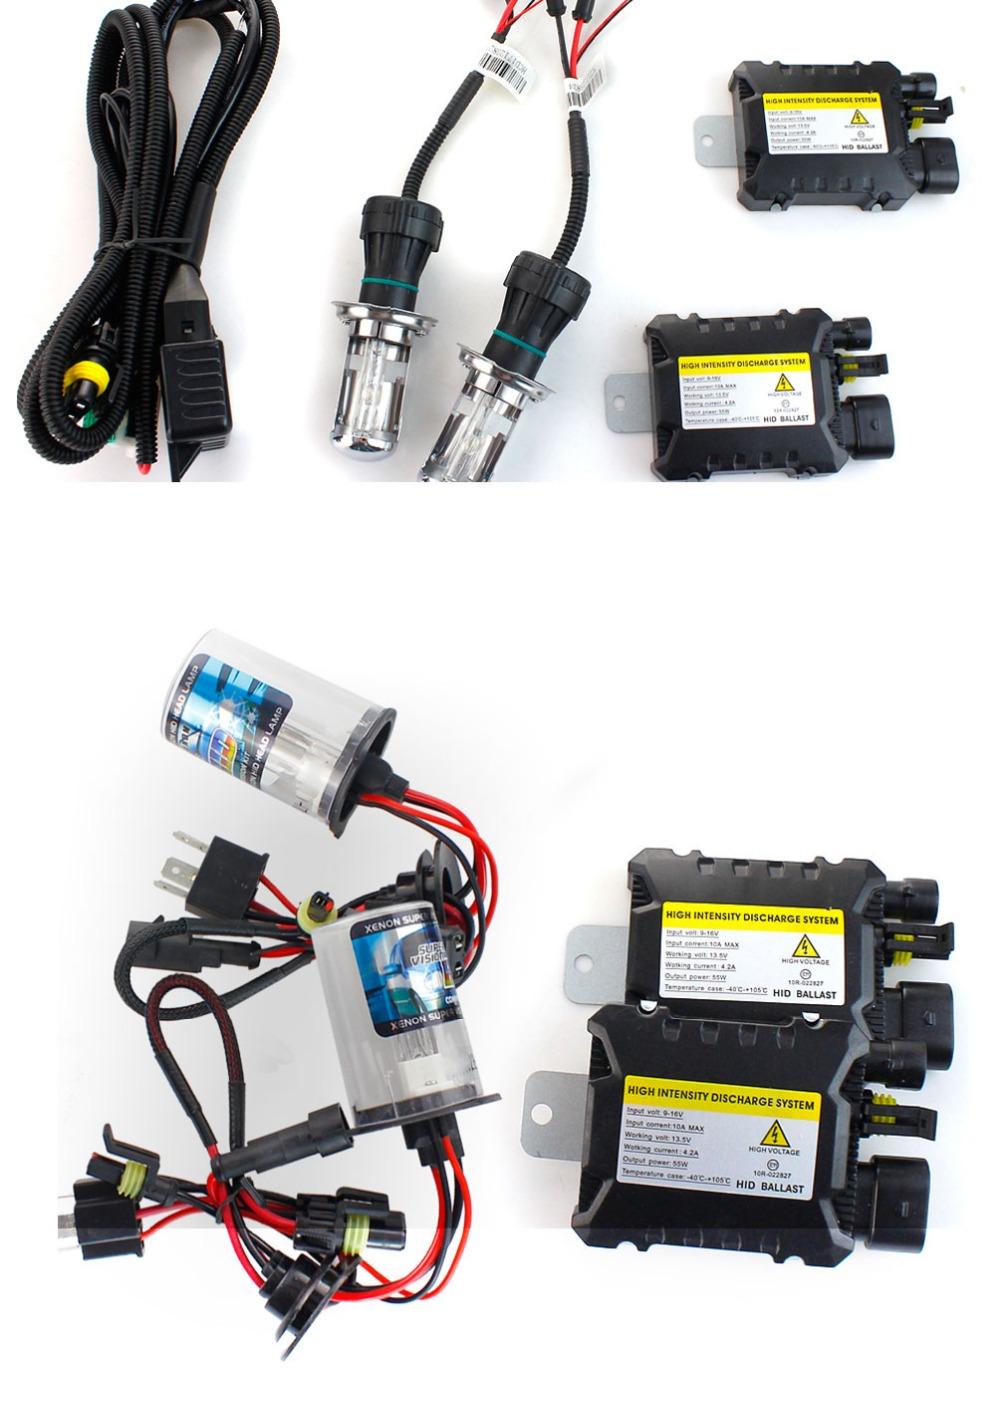 05 xenon kits for auto headlight kits